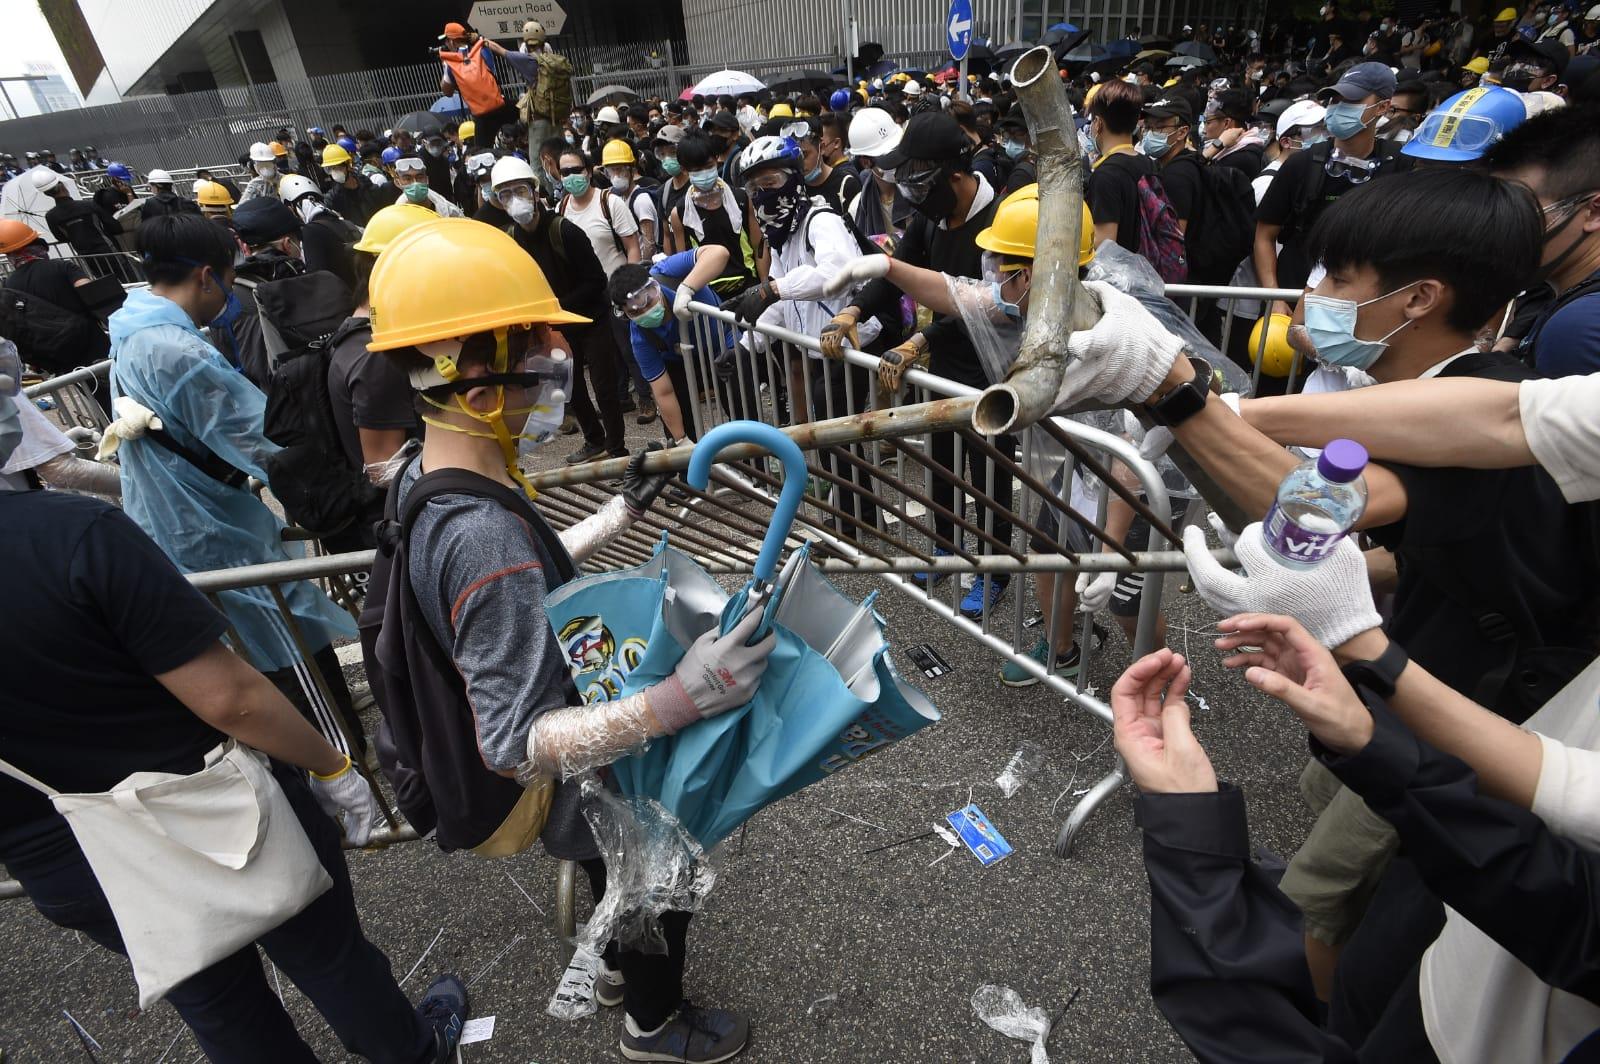 部分示威者身穿黑衣黑褲、戴上口罩及頭盔。